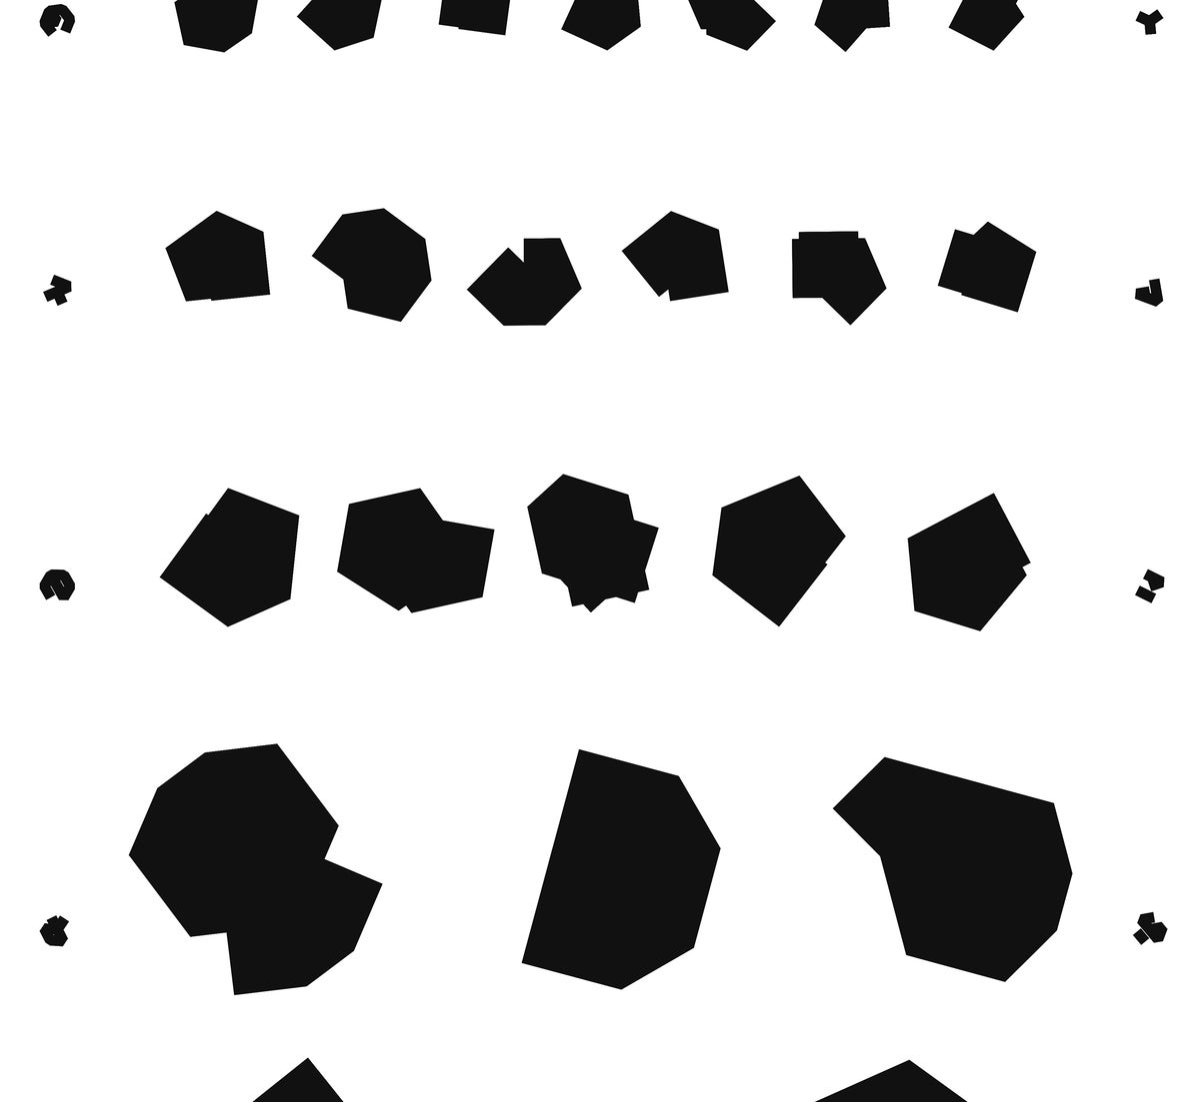 Image of Monoyer test #002